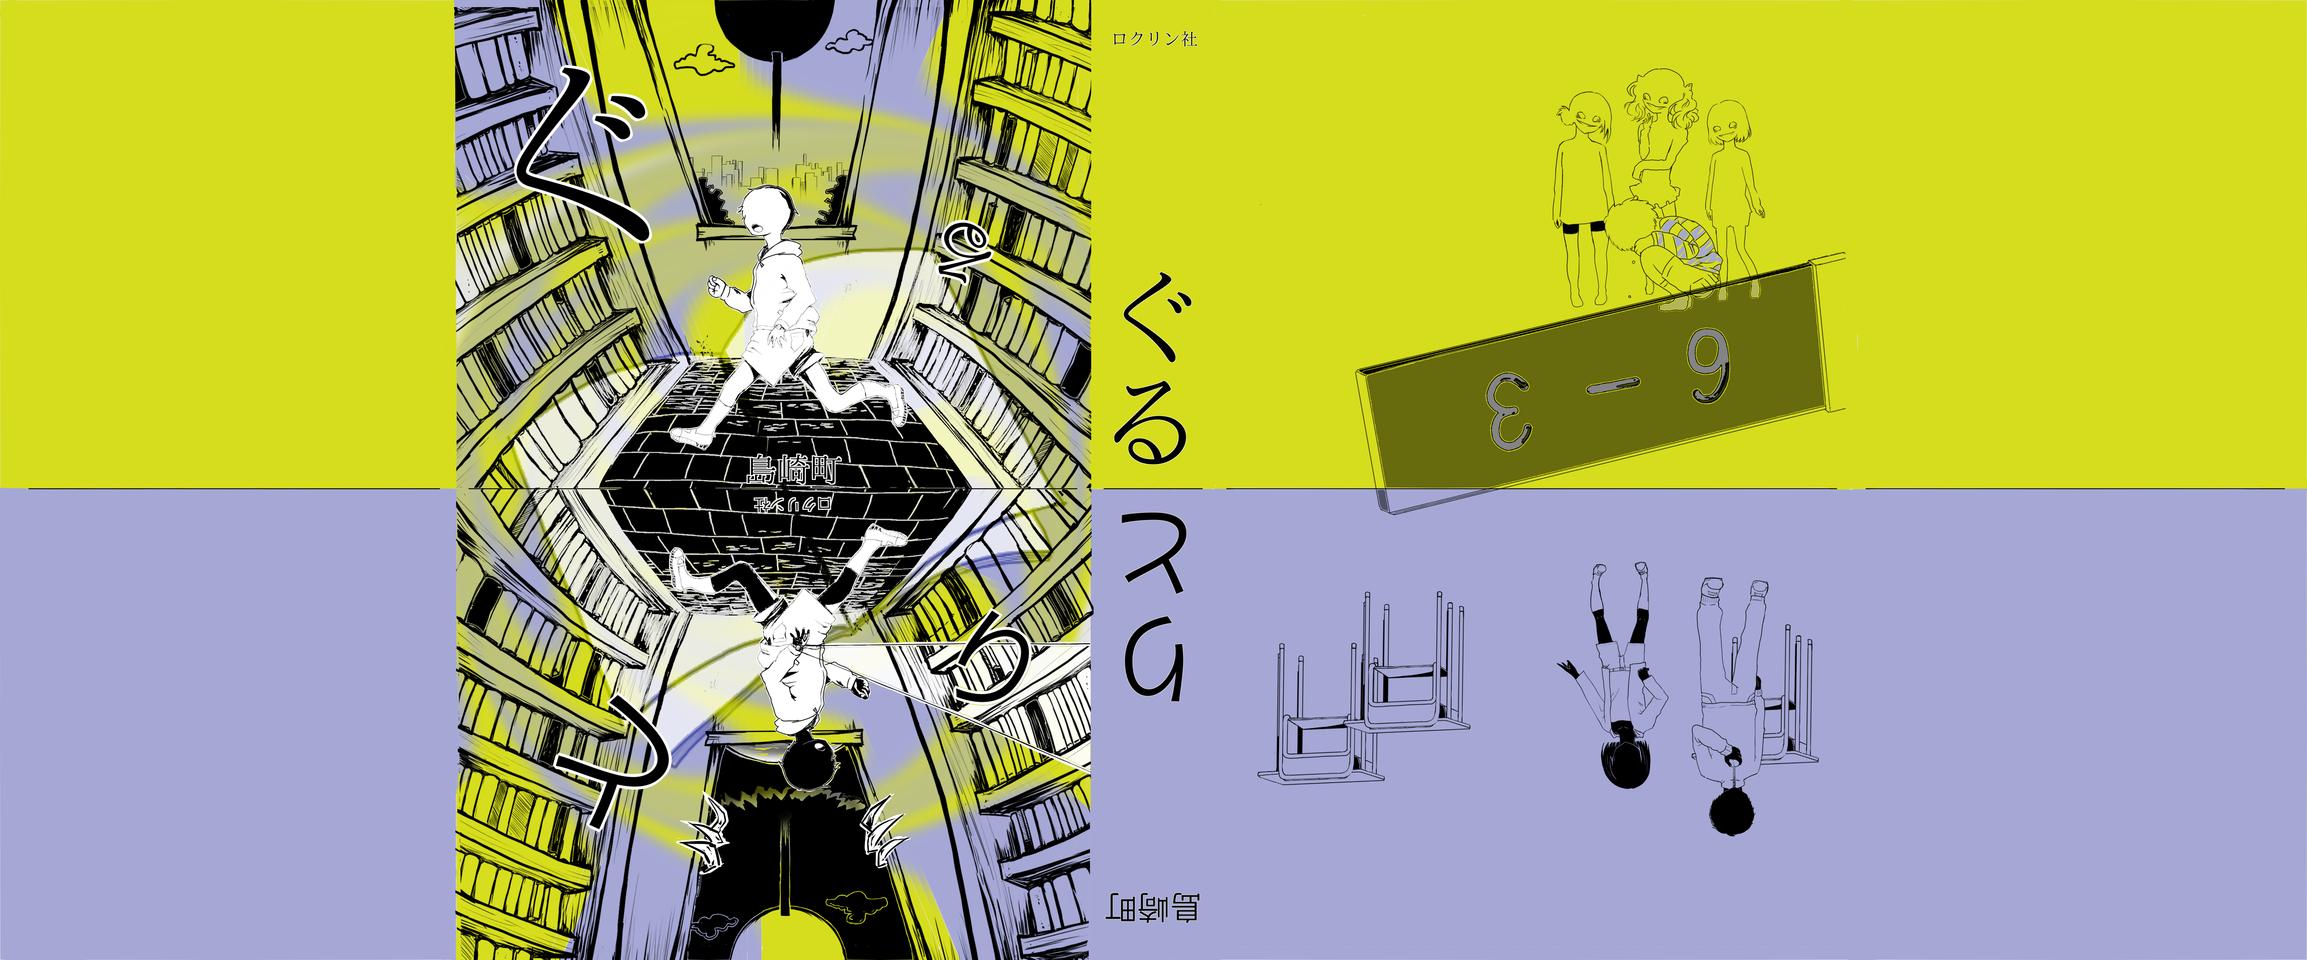 「ぐるりと」カバーイラスト Illust of 生 Spinning_contest medibangpaint